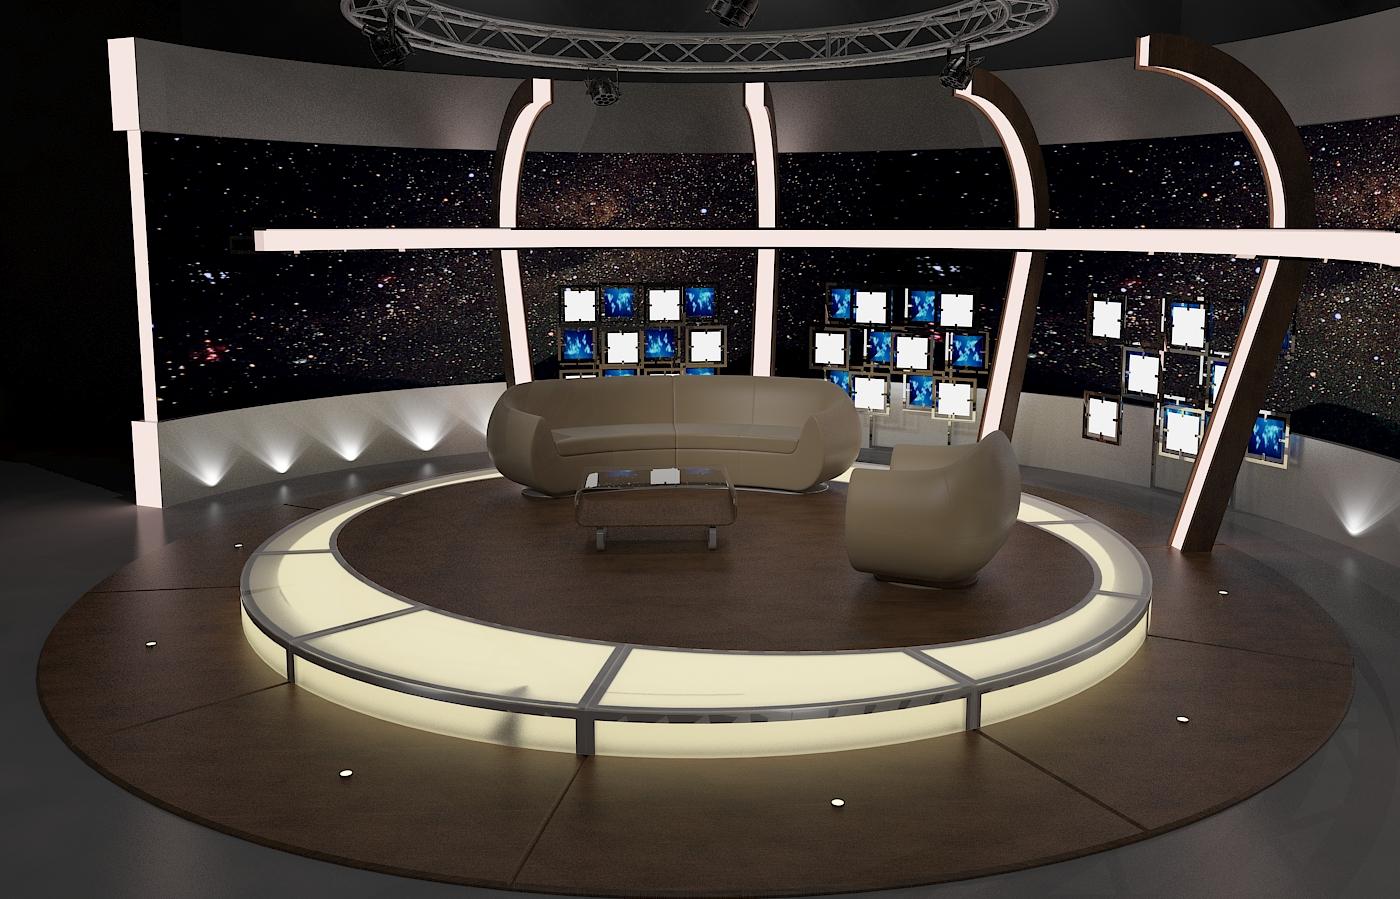 Виртуал ТВ чат 20 3d загвар max dxf fbx obj 207150-ийг тохируулж байна